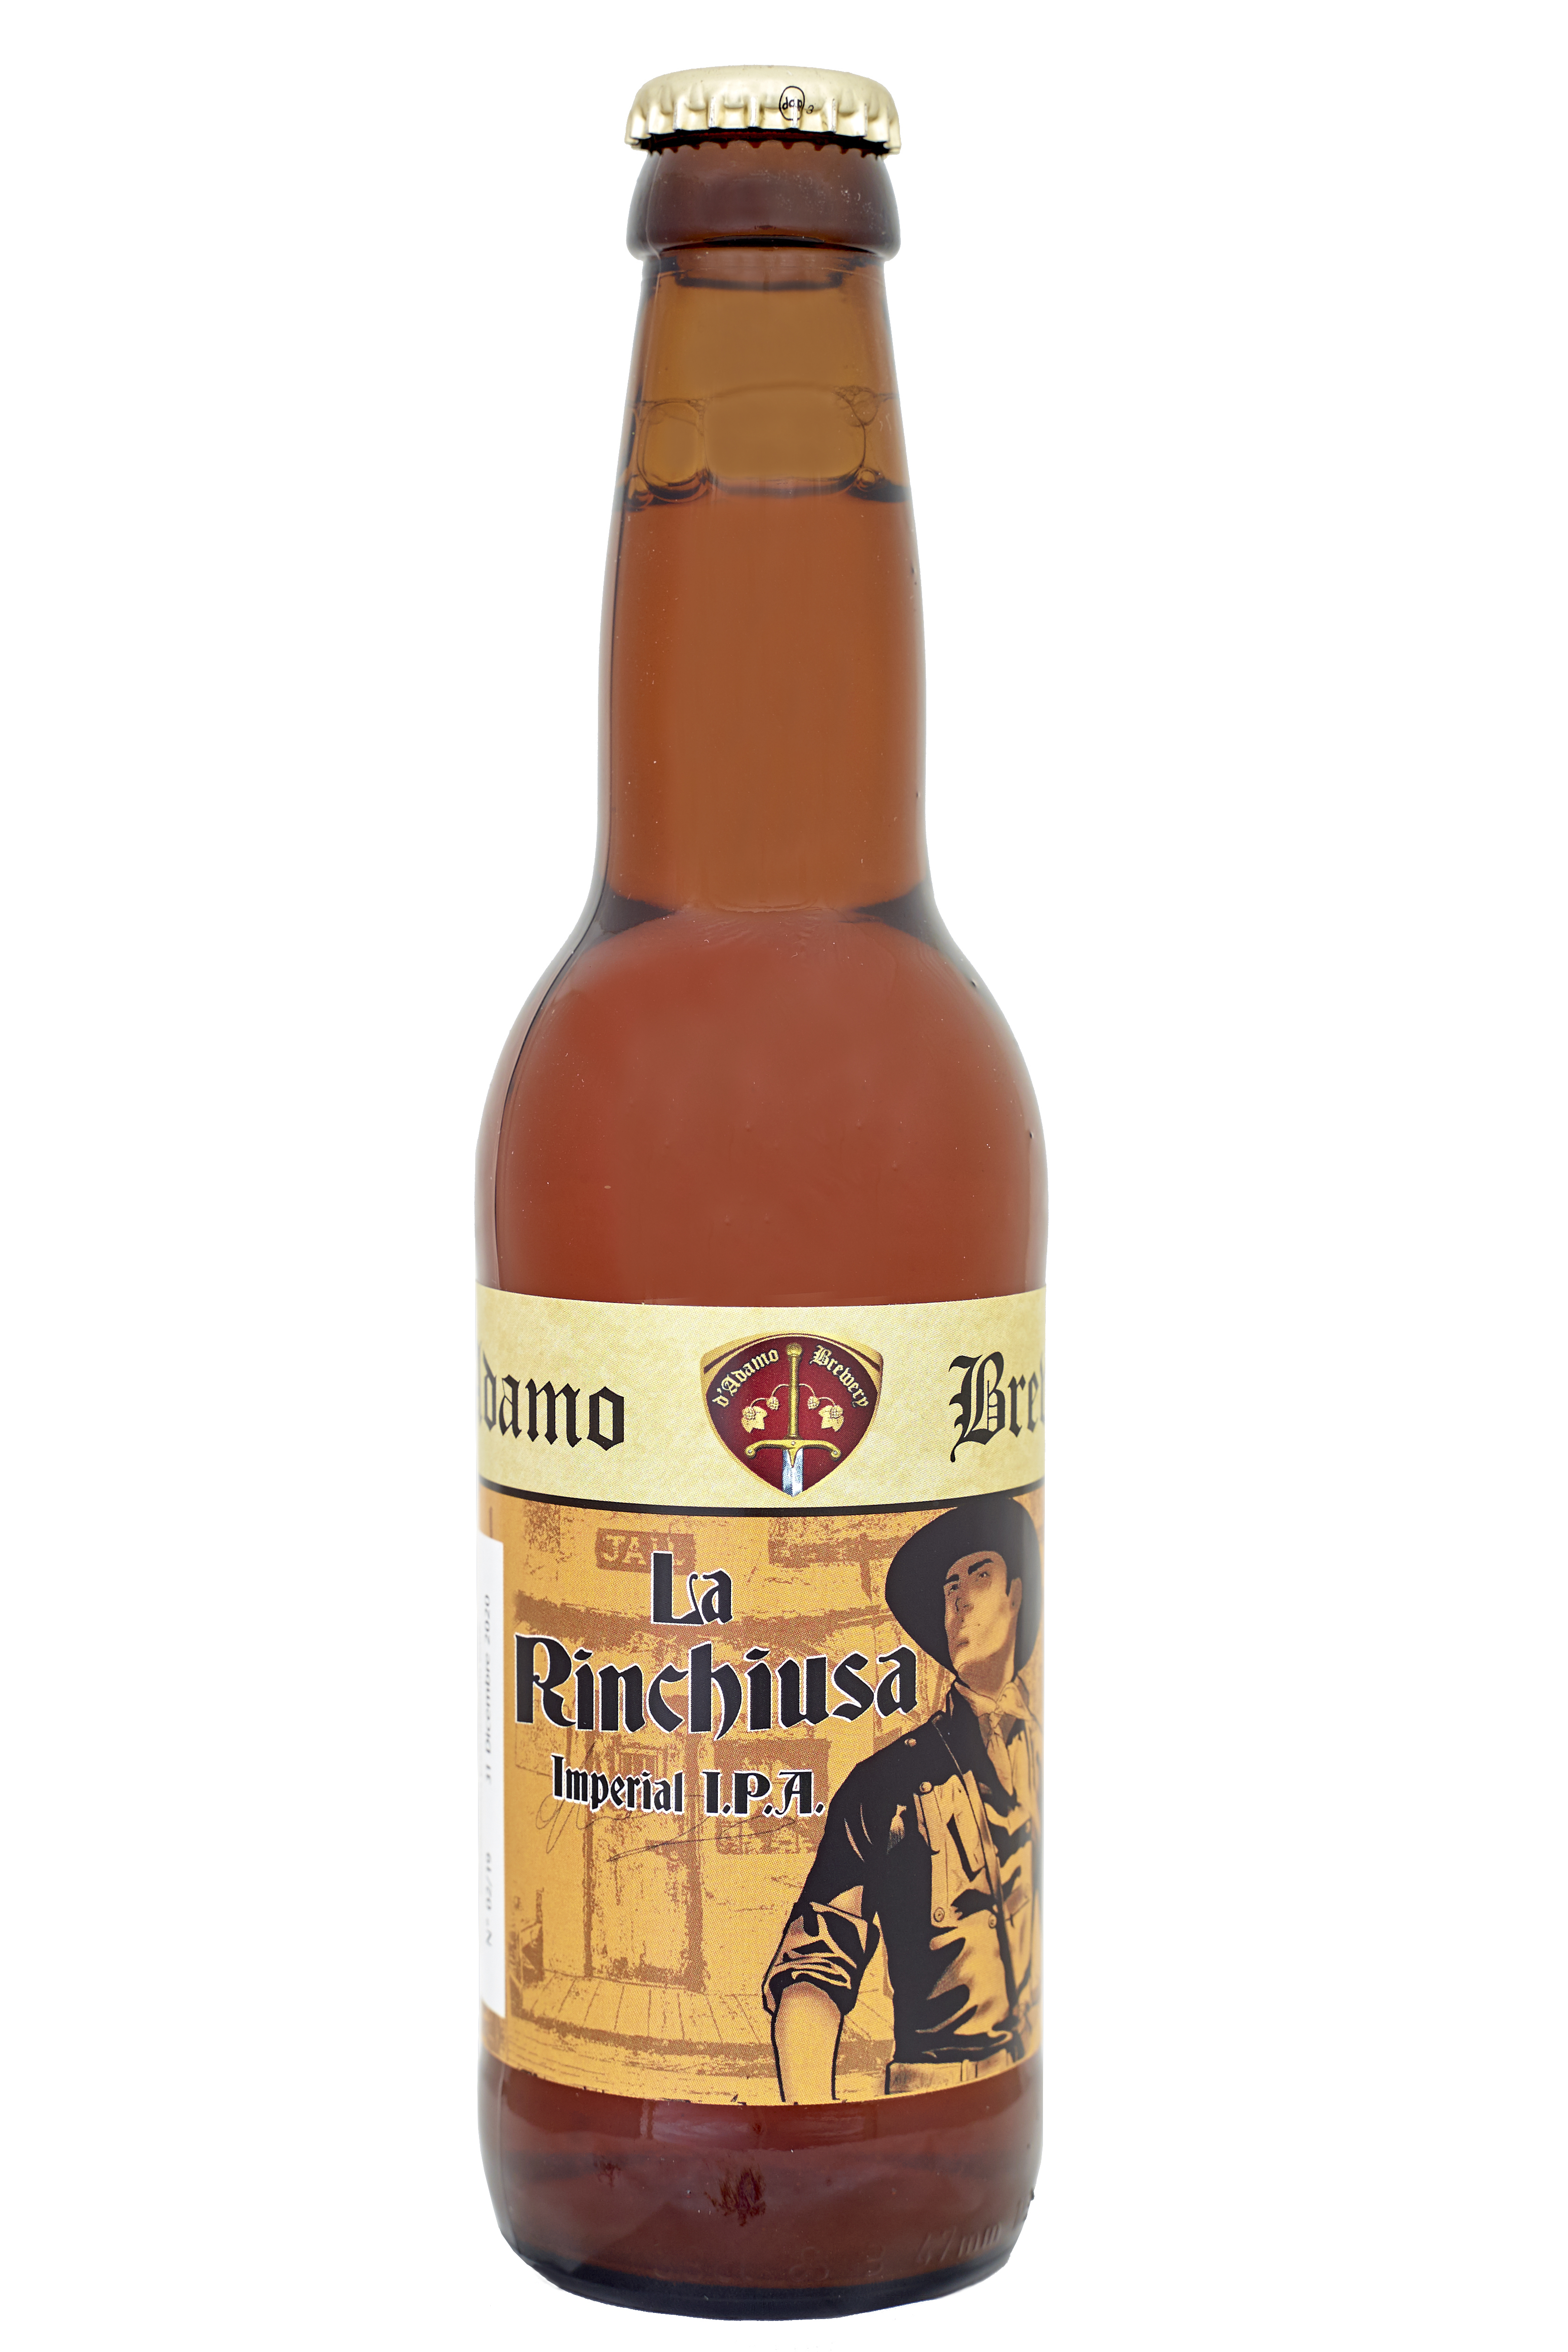 Rinchiusa Birra artigianale in bottiglia 33 cl